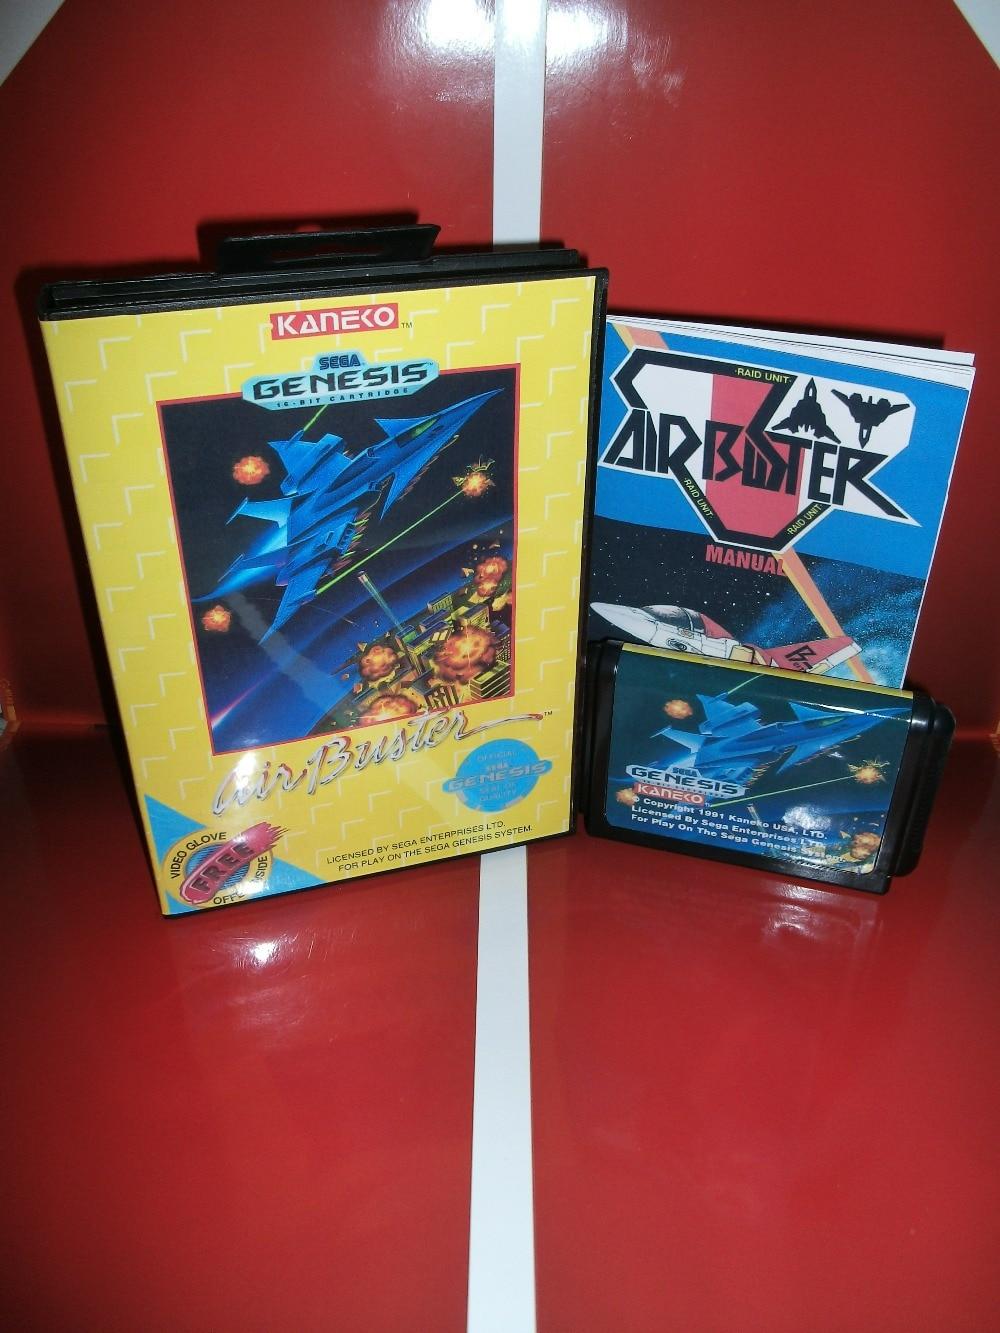 Cartouche de jeu Air Buster avec boîte et carte MD manuelle 16 bits pour Sega MegaDrive pour Genesis